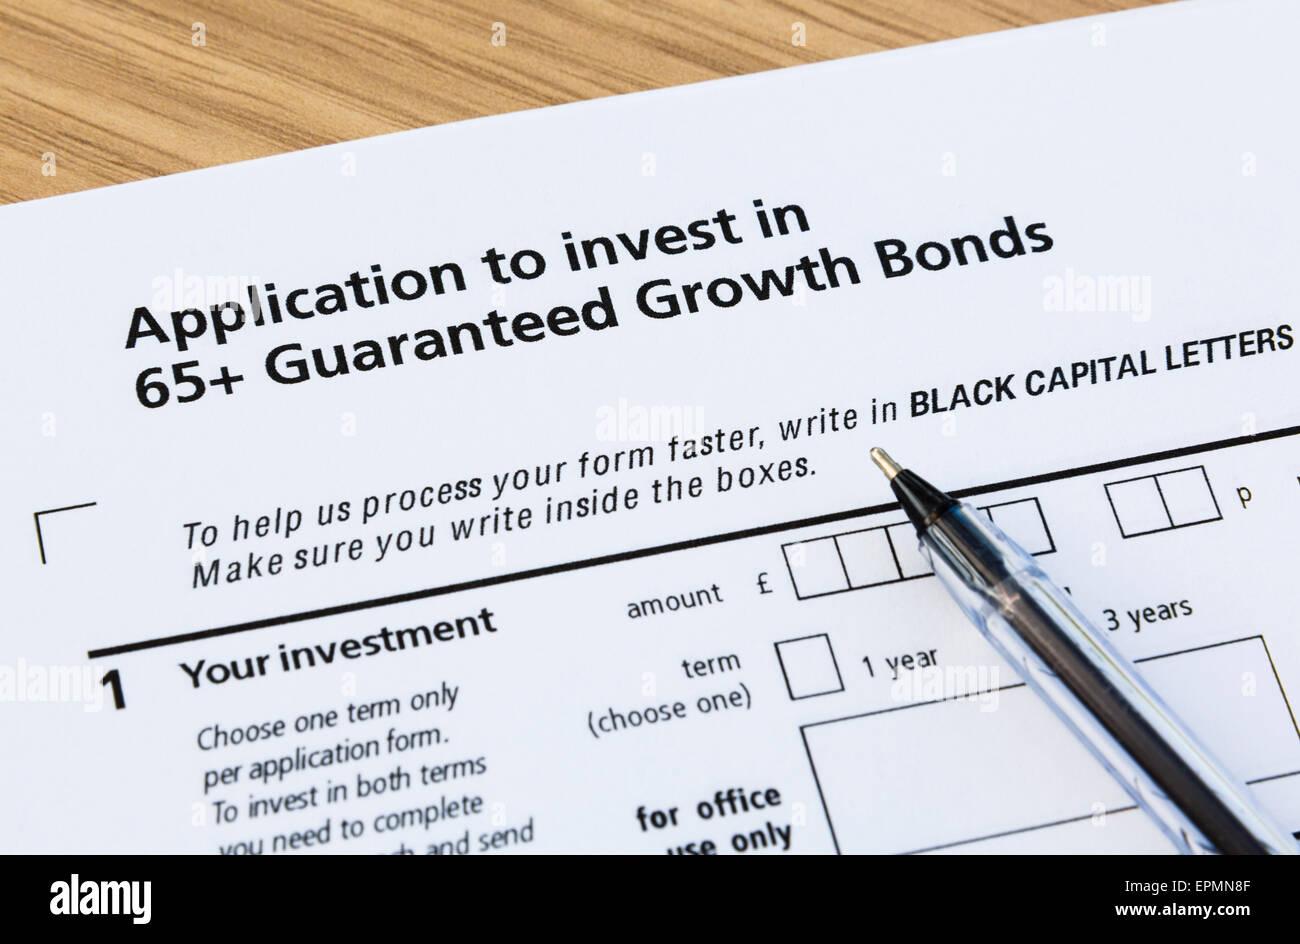 Formulario de solicitud de compra de pensionistas 65+ garantía de crecimiento bonos y un bolígrafo negro Imagen De Stock